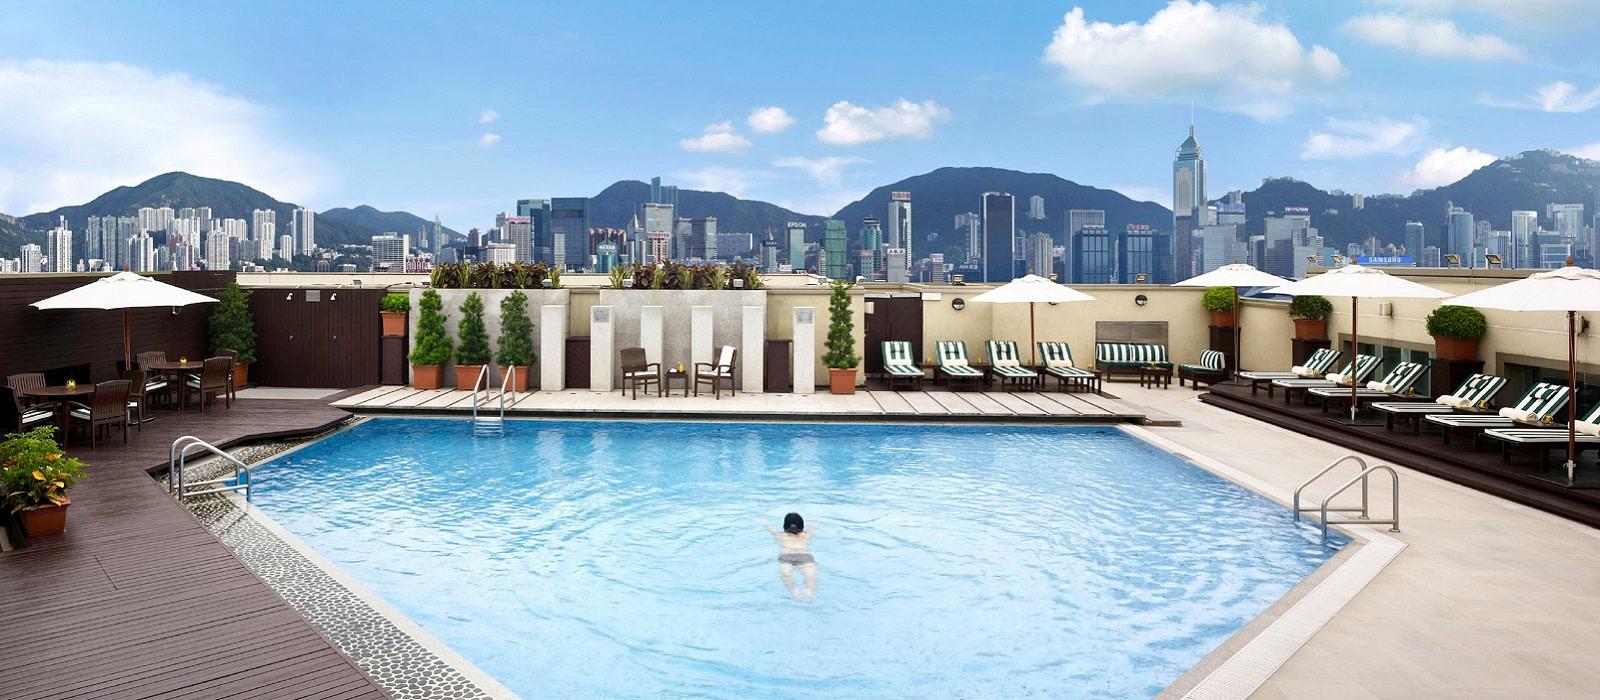 Hotel Intercontinental Grand Stanford Hong Kong China